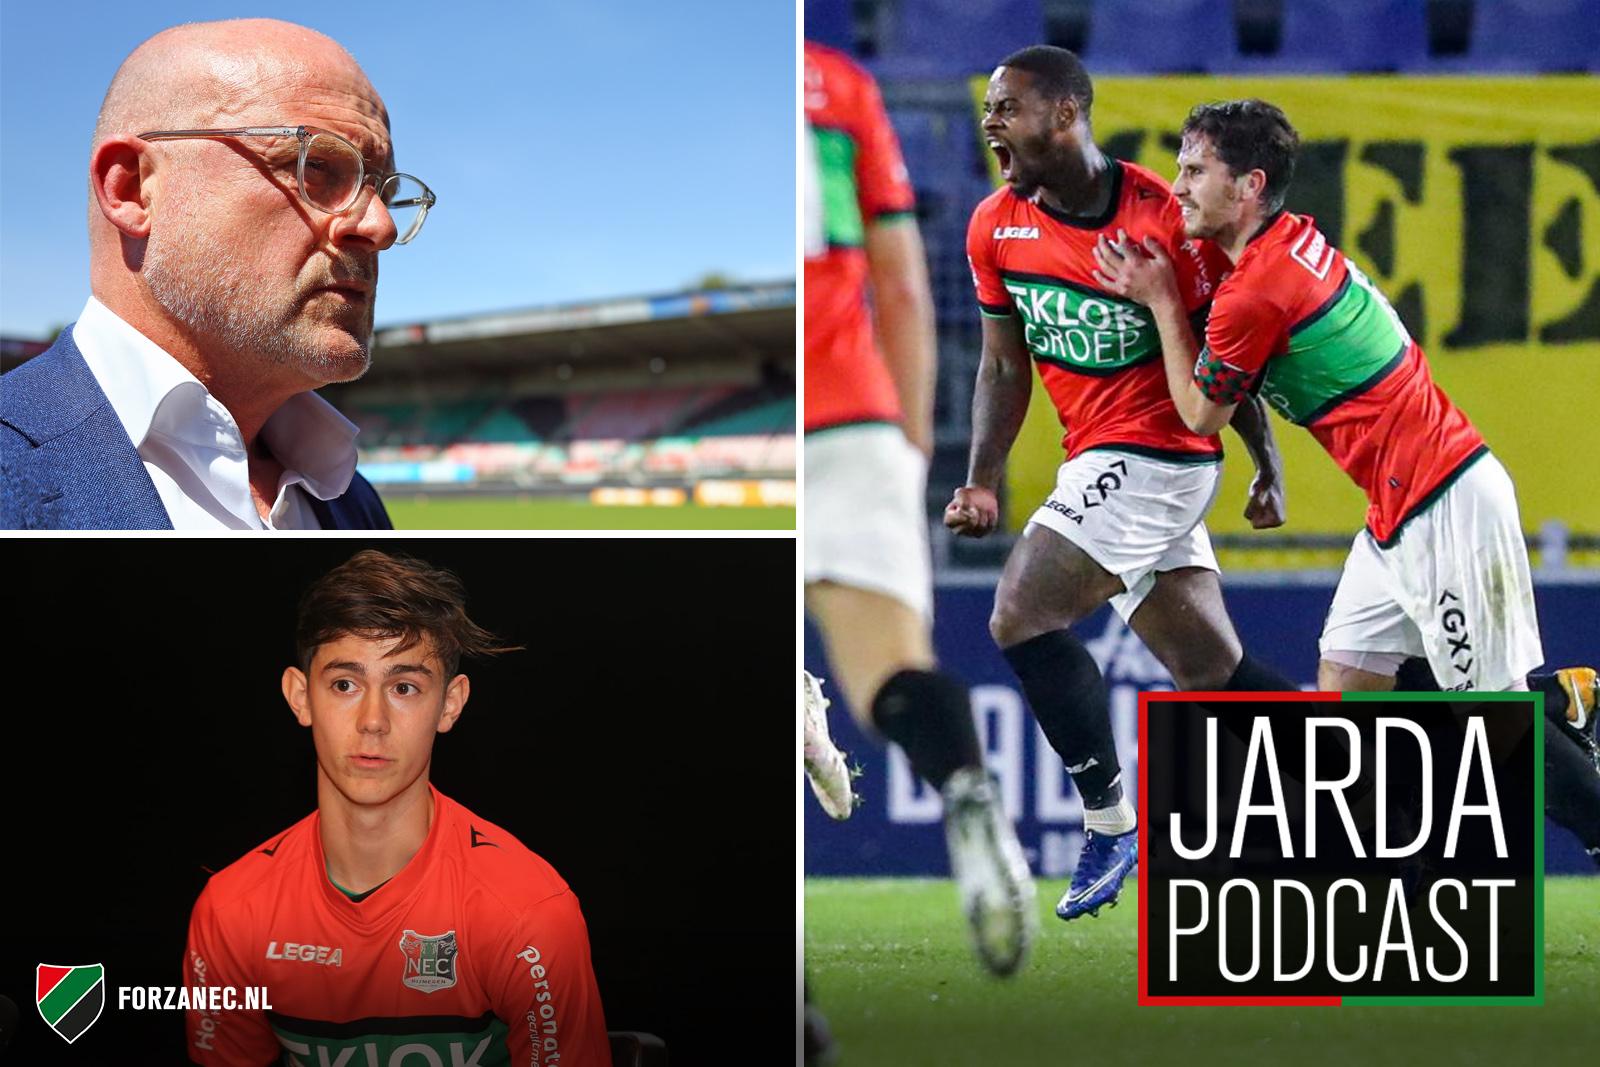 Jarda Podcast #55: Reden tot optimisme en 'nieuwe' speler voor NEC